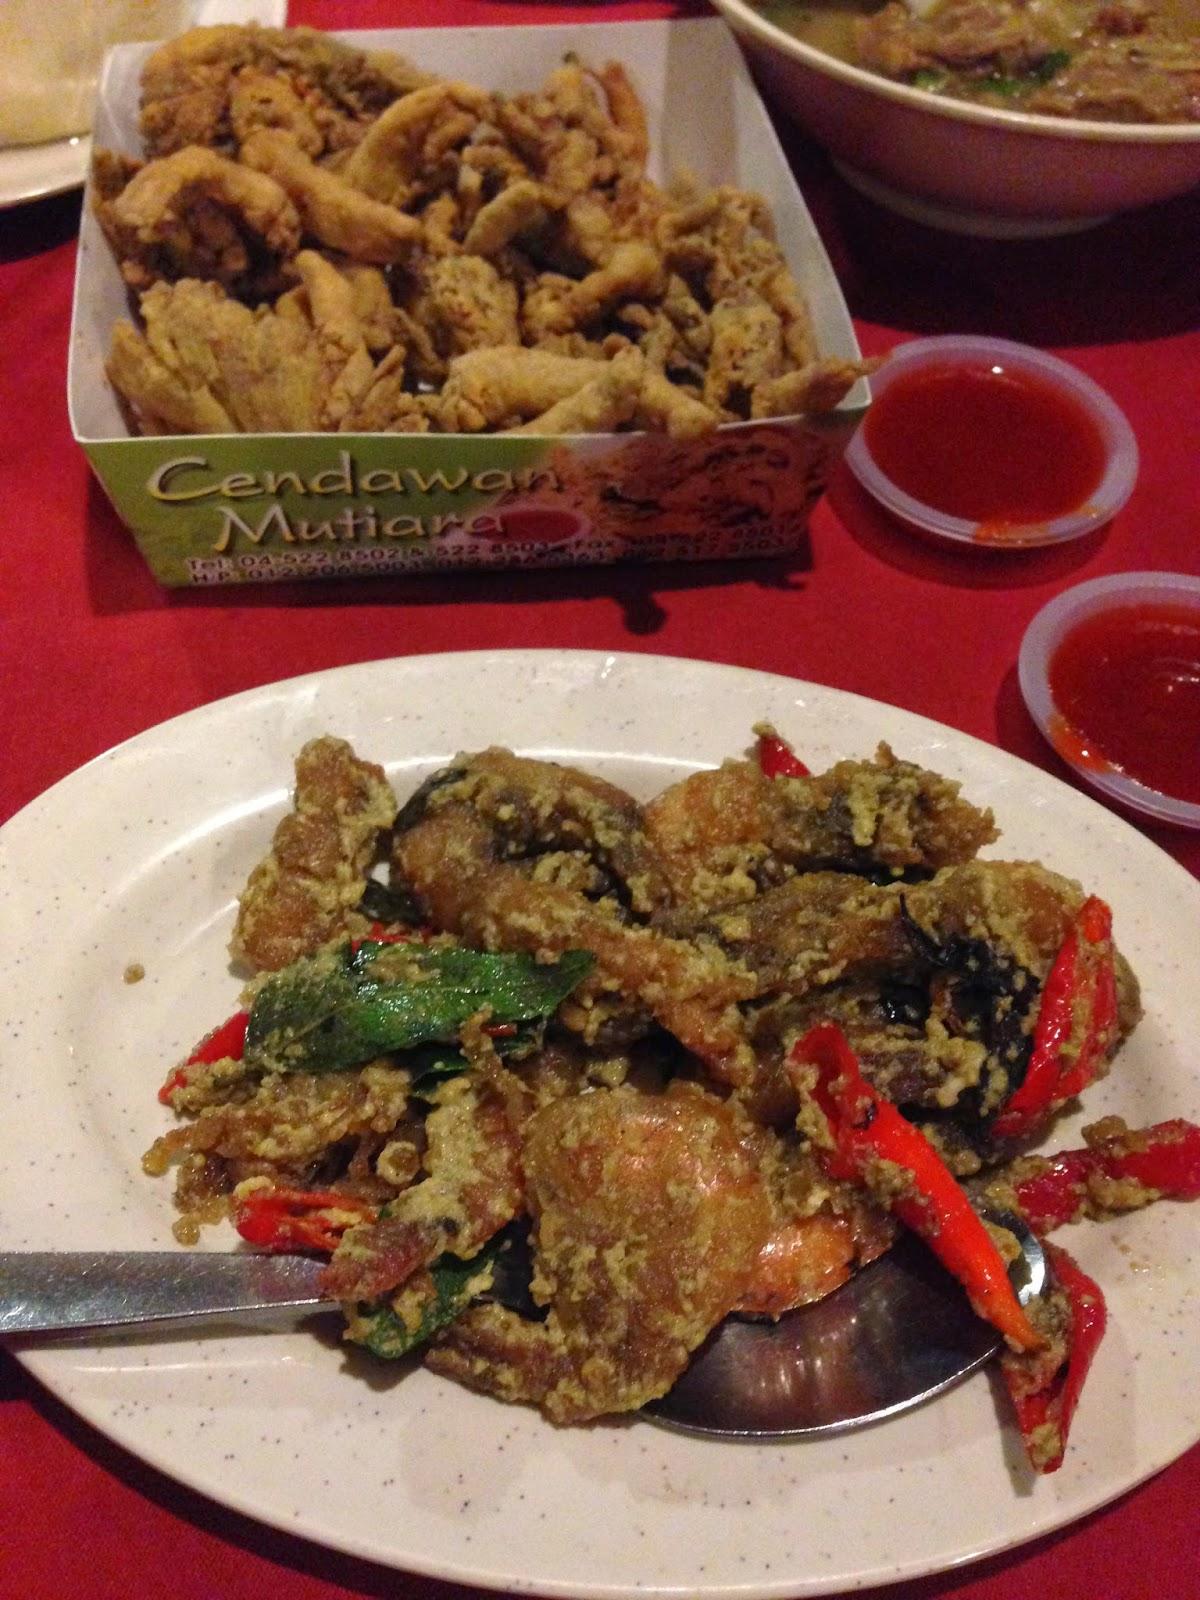 Butter prawn and cendawan mutiara at Puncak Mutiara Cafe